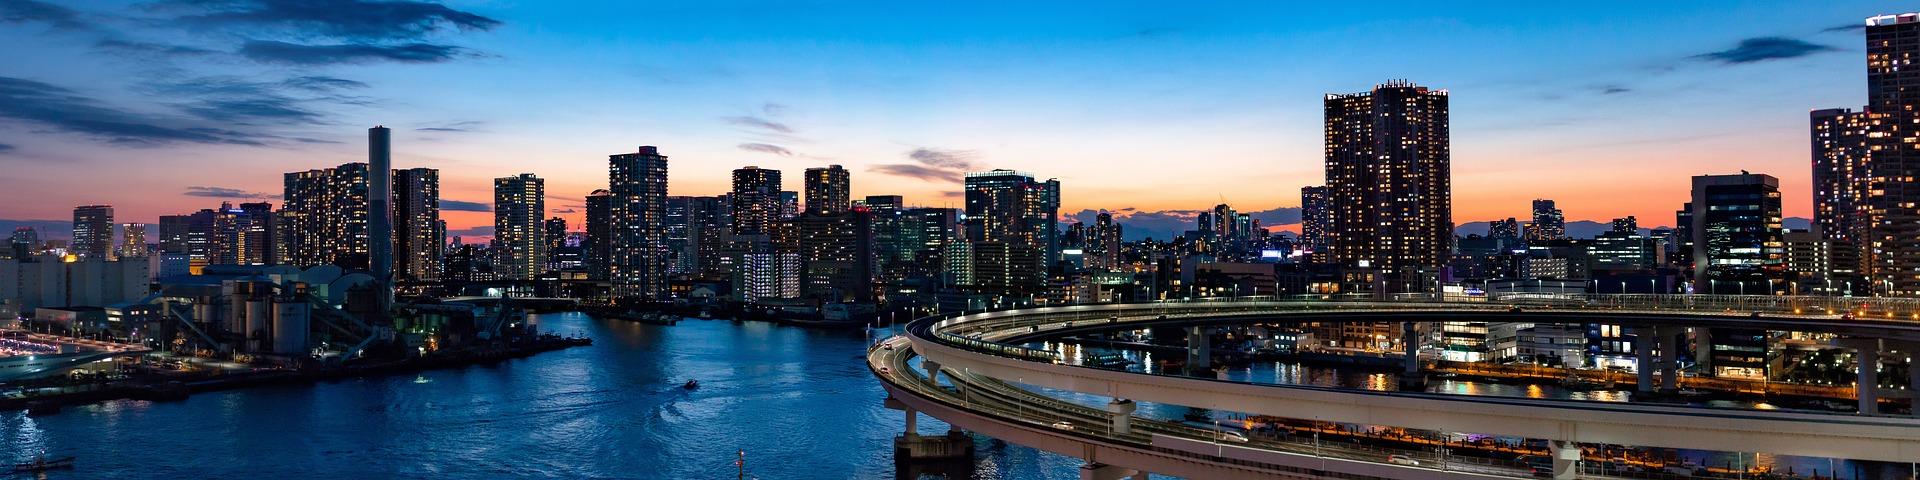 Tokio to jeden z najbardziej zaludnionych obszarów globu. (fot. pixabay.com)